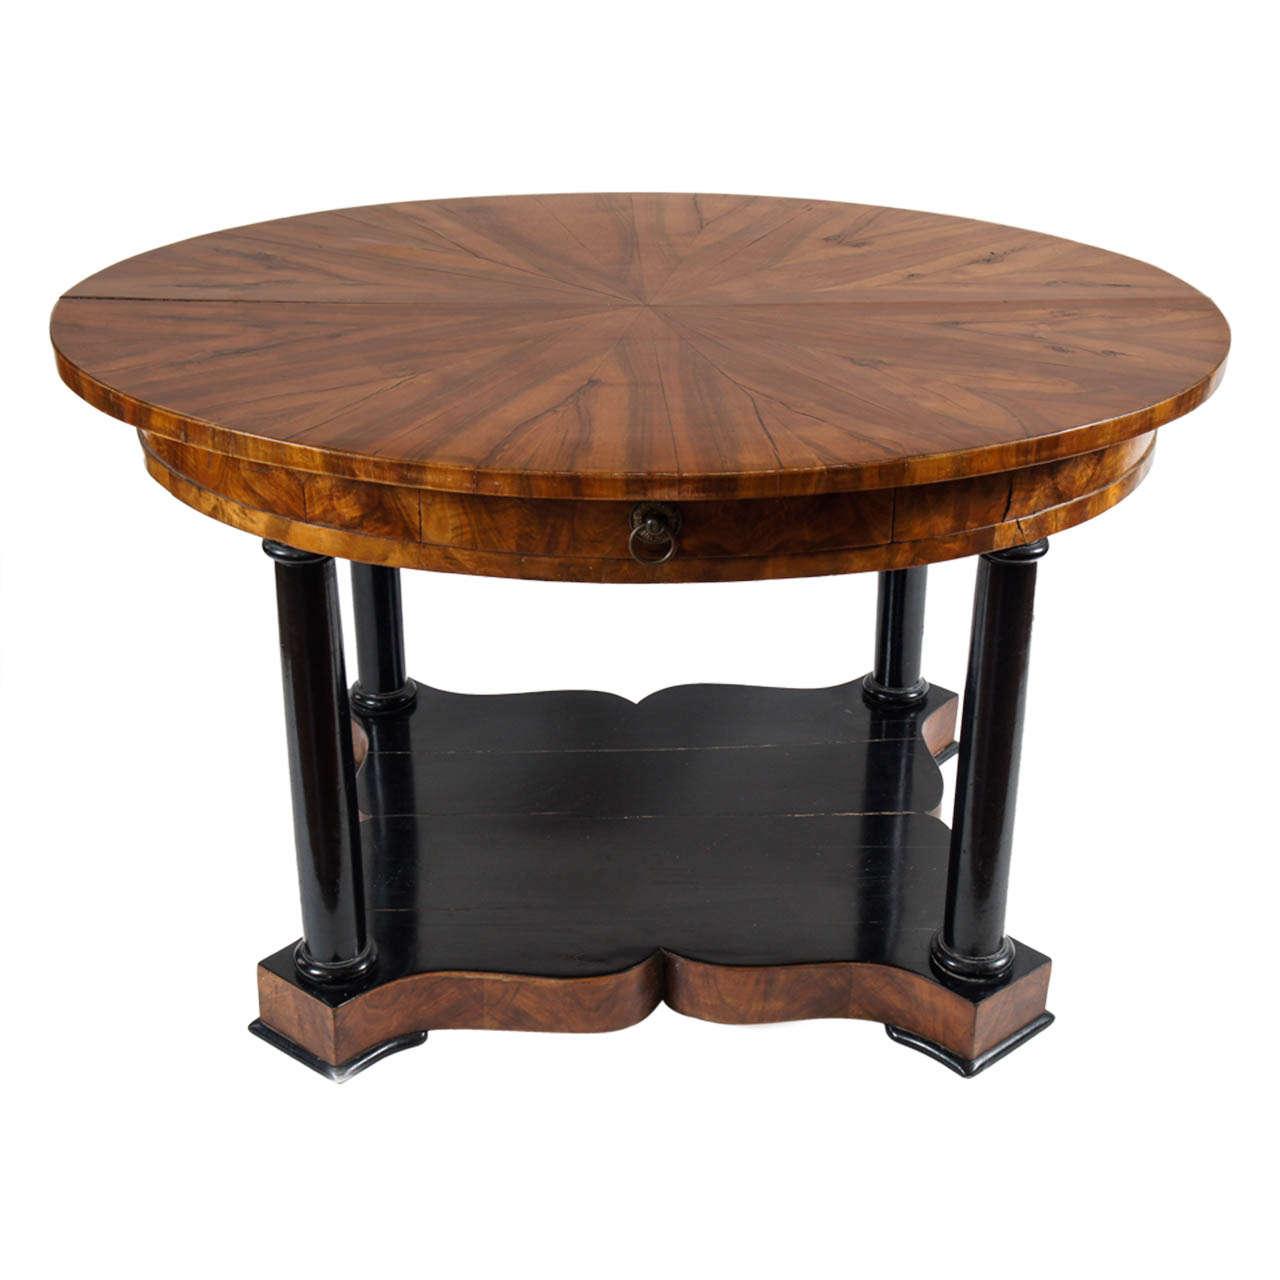 Exceptional biedermeier center table austria c 1830 for Furniture centre table